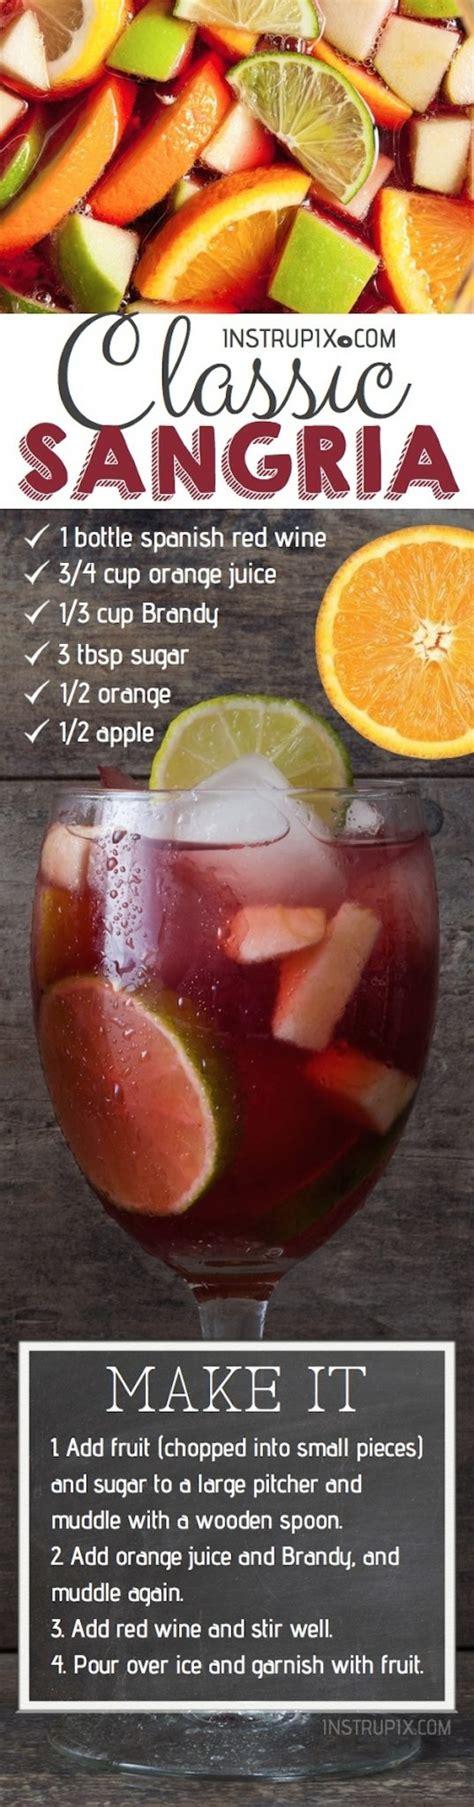 easy classic red sangria recipe